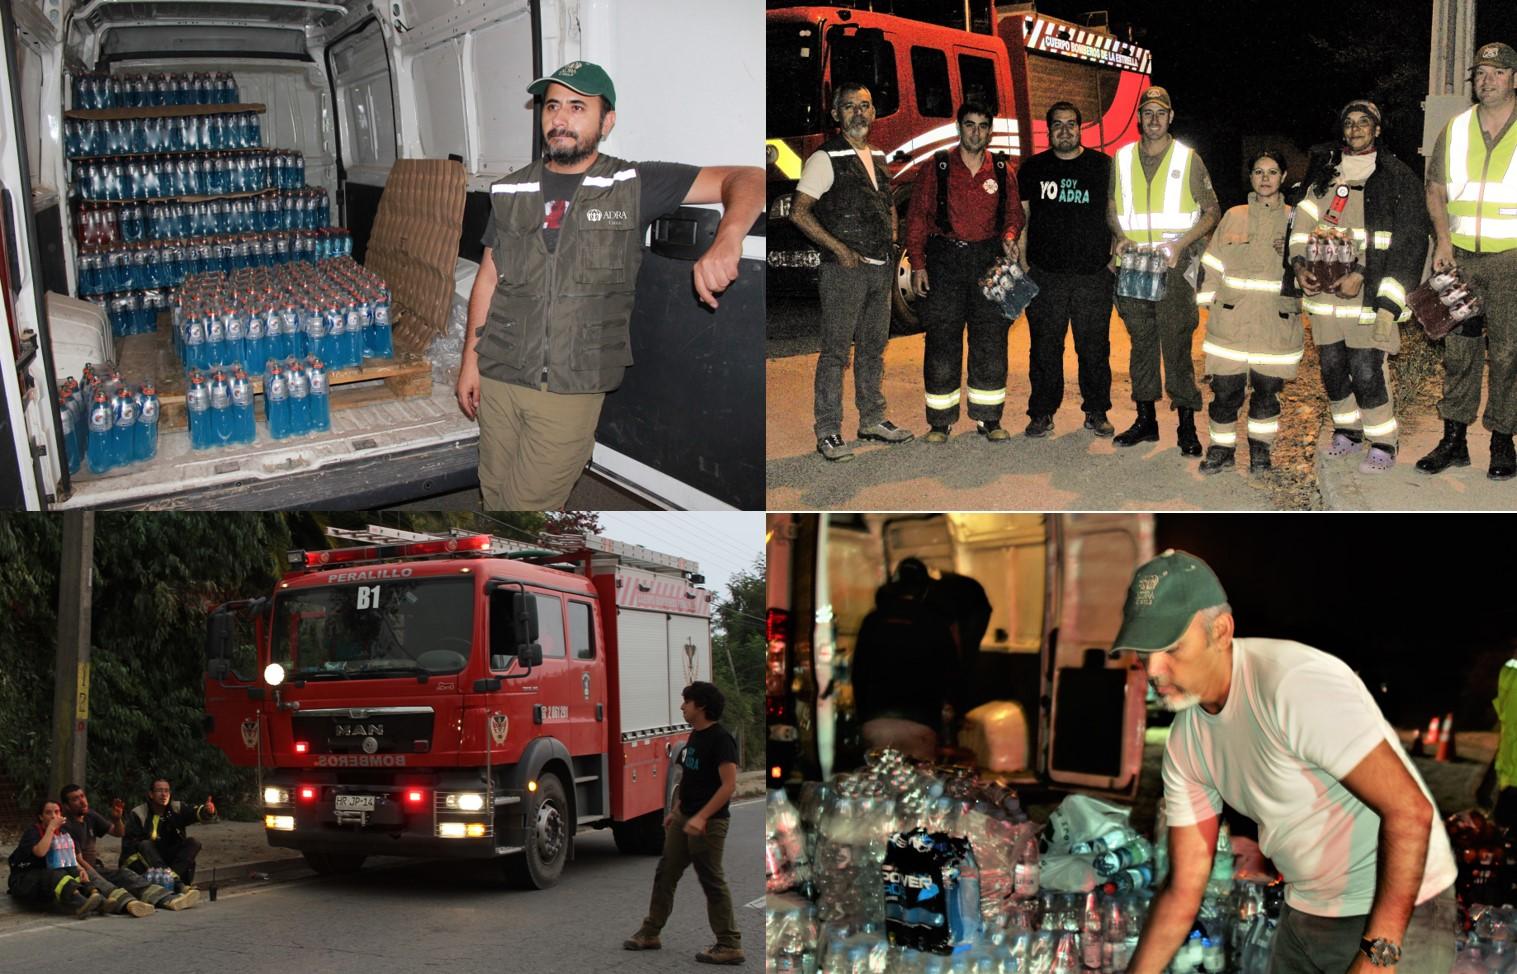 Momentos de apoyo a los profesionales que trabajan en situación de emergencia